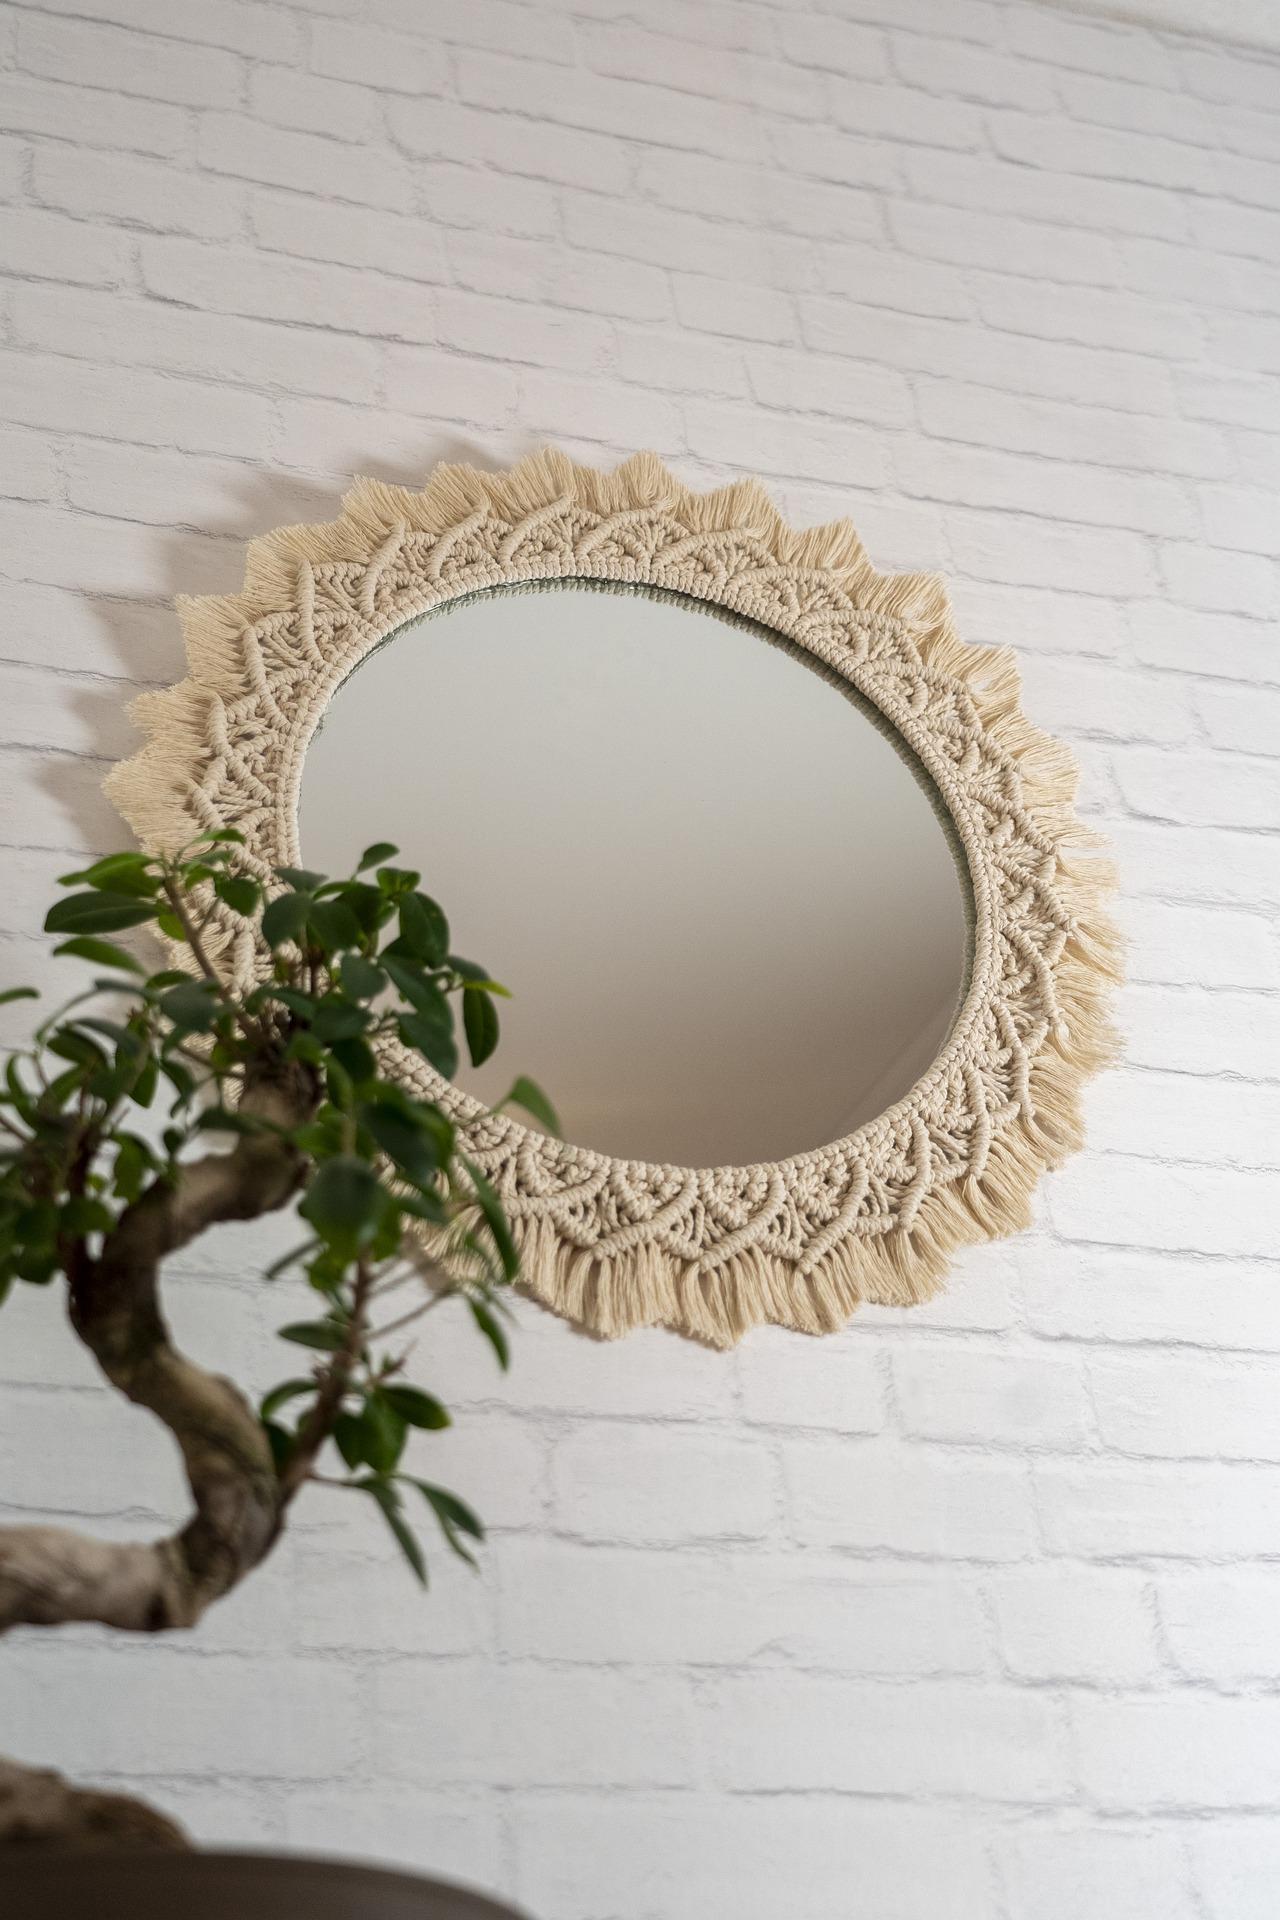 décoration murale macramé style miroir soleil